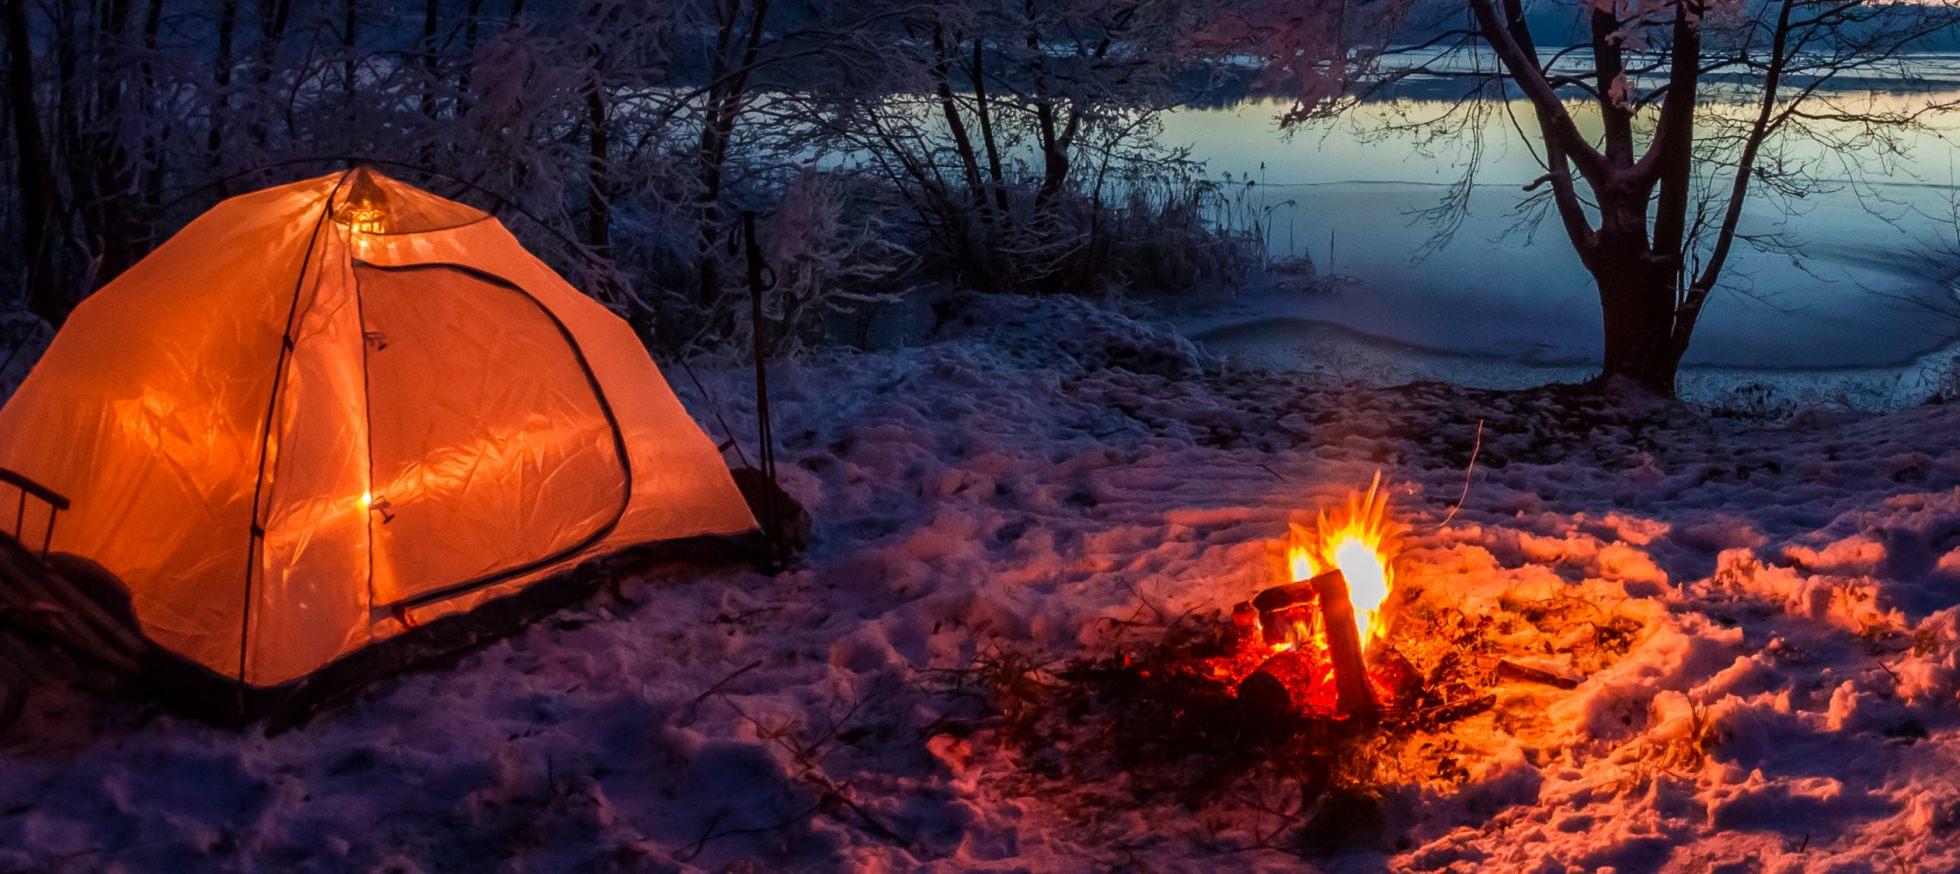 e8642209 Sov ude om vinteren - og hold varmen i soveposen - NaturGuide.dk - Danmarks  natur på nettet